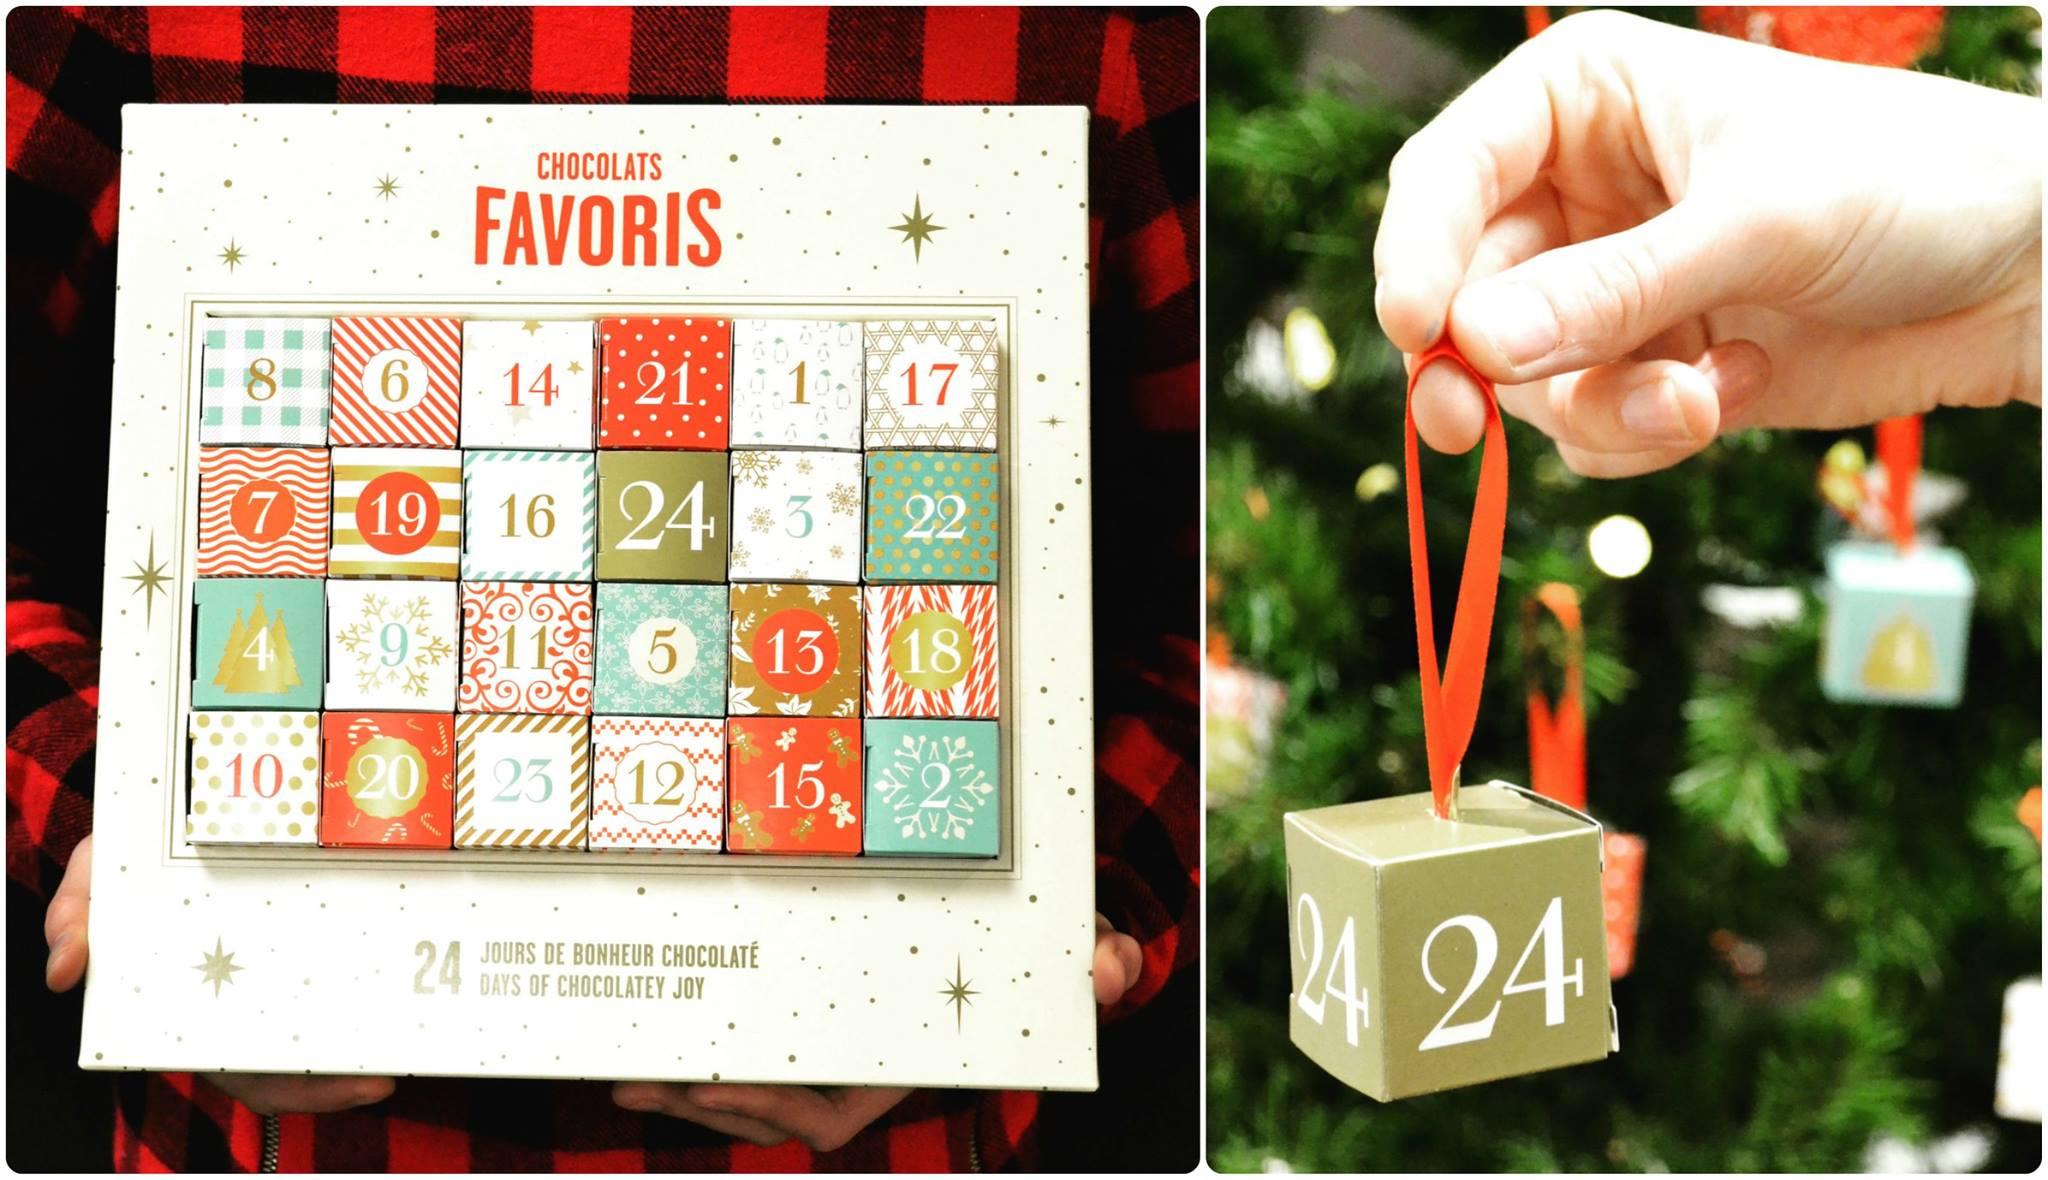 calendrier de l'avent chocolat favoris